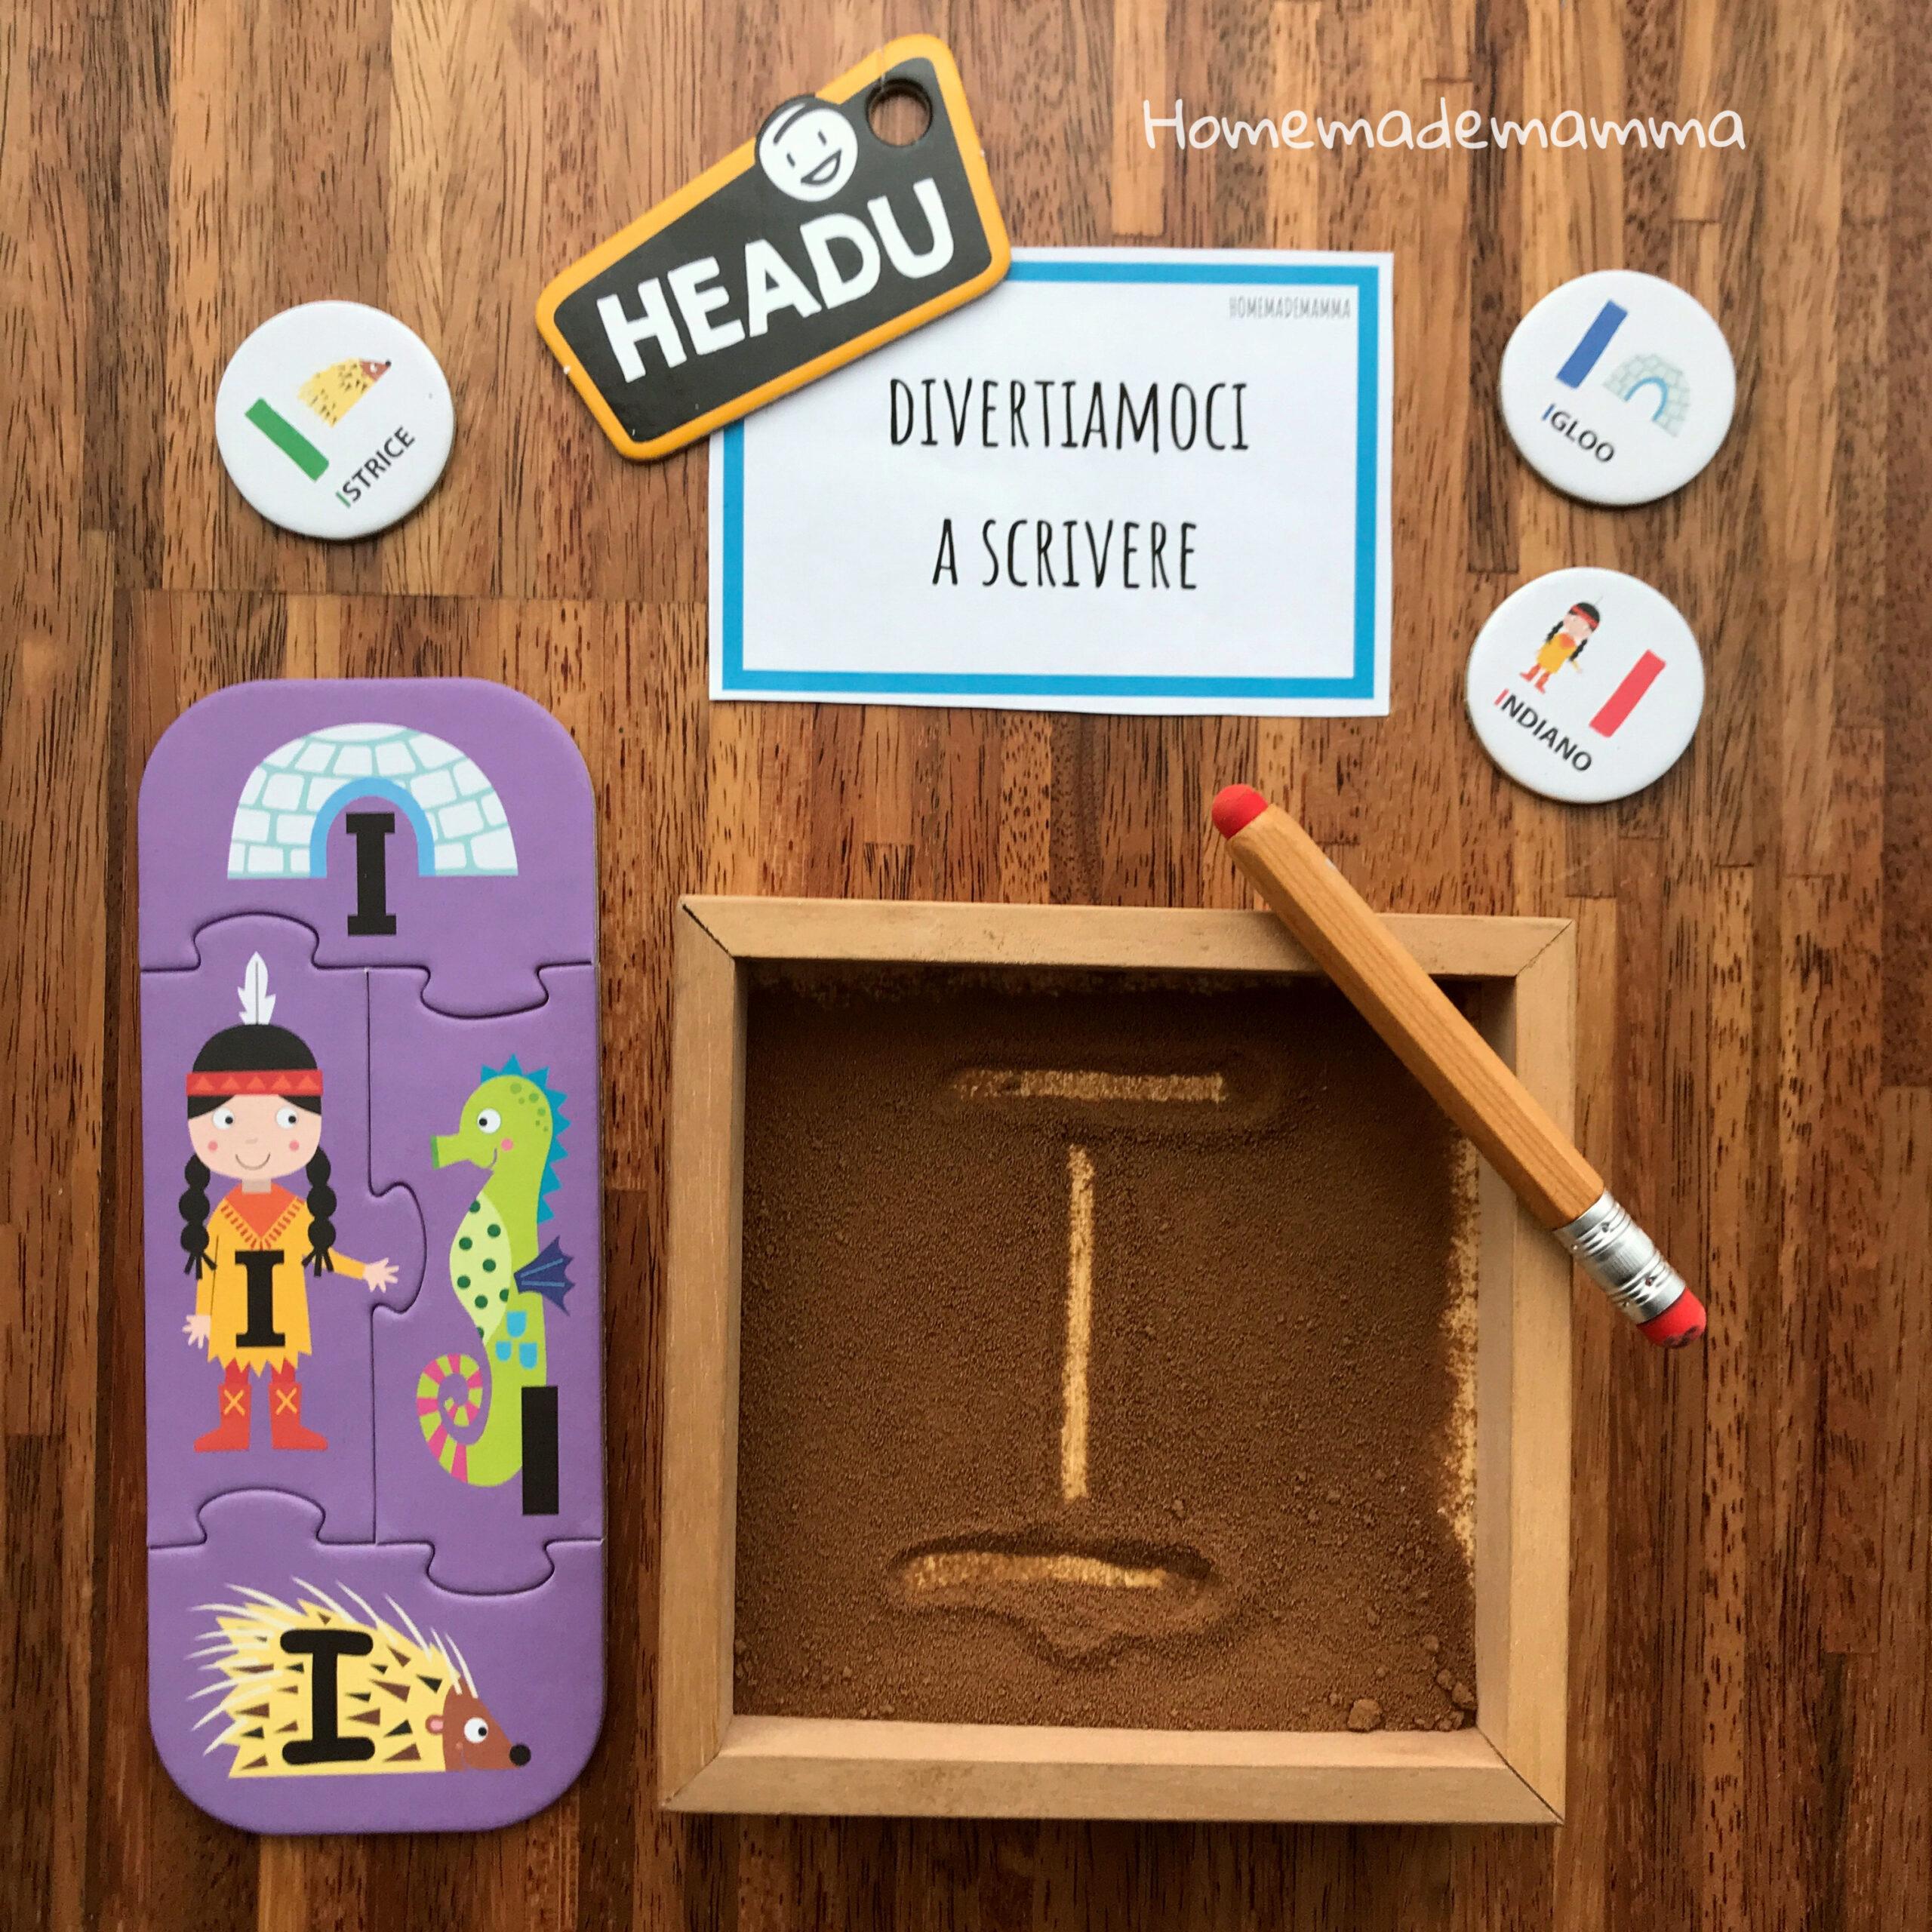 Headu allegre vocali gioco bambini come si gioca idee